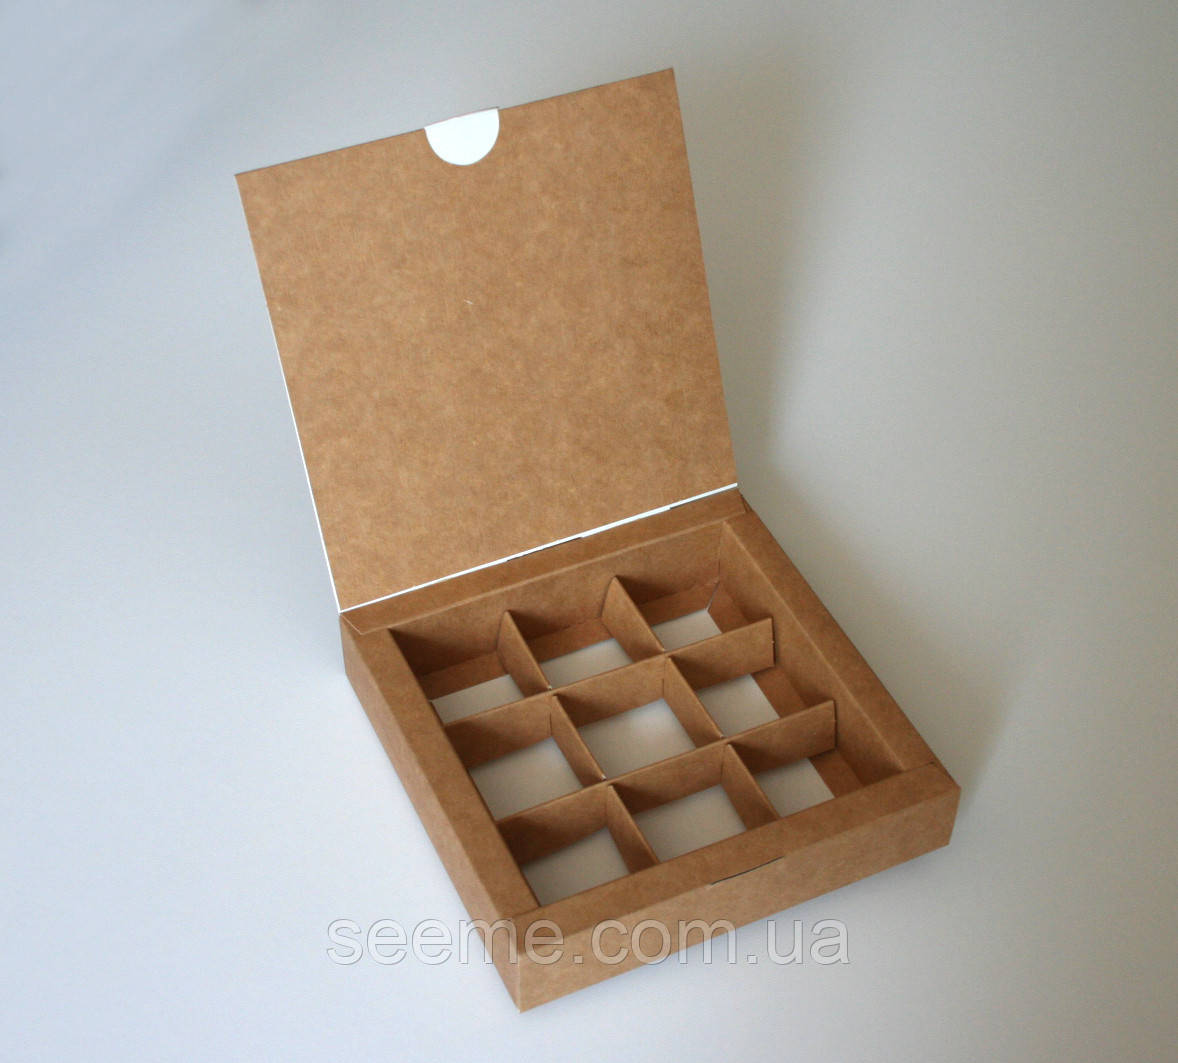 Коробка подарункова із крафт картону для 9 цукерок 150х150х30 мм.